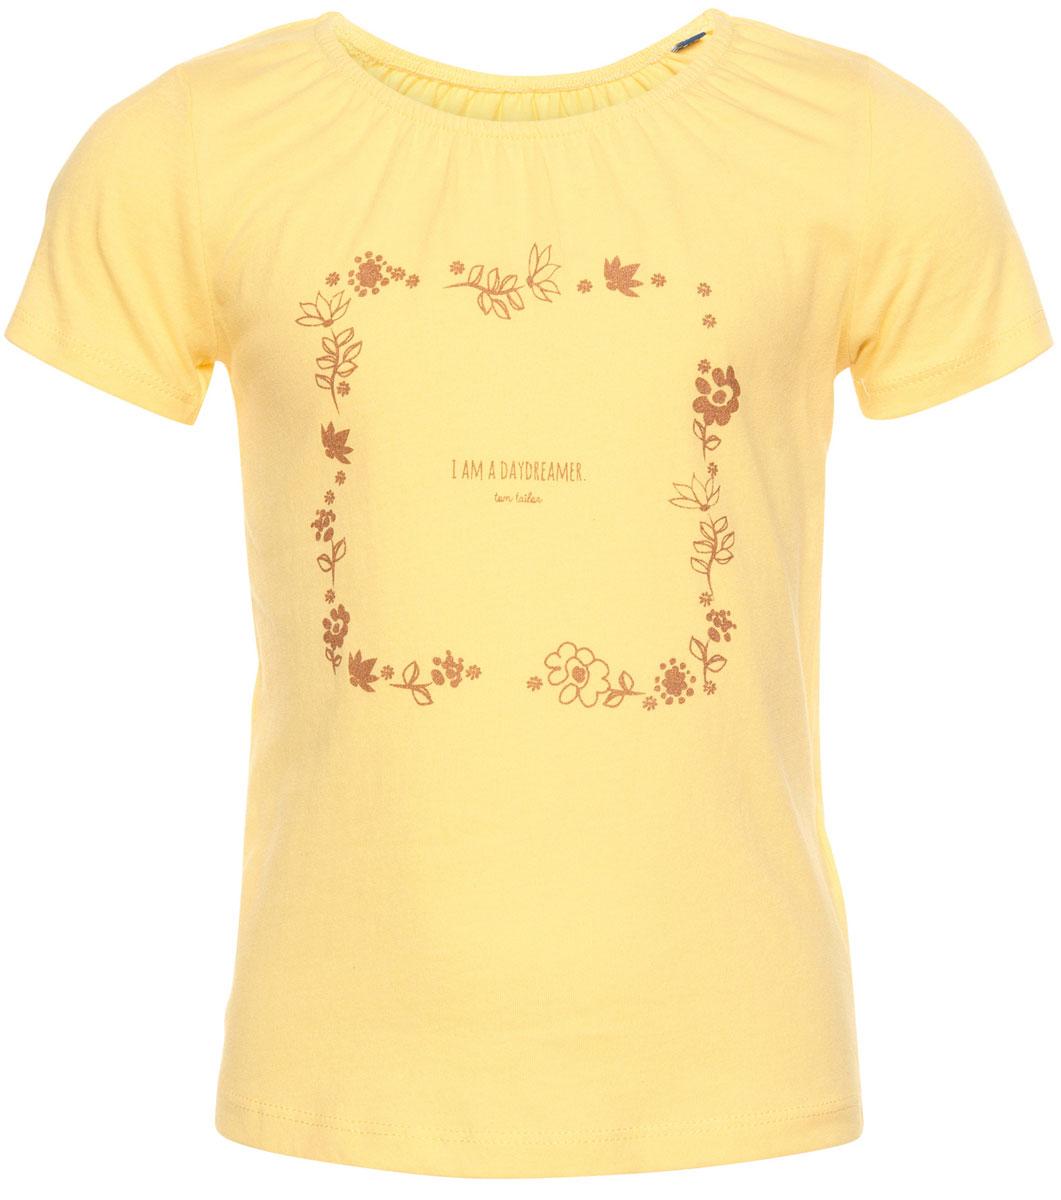 Футболка для девочки Tom Tailor, цвет: желтый. 1037041.00.81_3546. Размер 104/1101037041.00.81_3546Футболка для девочки Tom Tailor выполнена из натурального хлопка. Модель с круглым вырезом горловины и короткими рукавами оформлена оригинальным принтом, украшенным блестящим напылением. Воротник присборен на резинку, образующую небольшие складки.